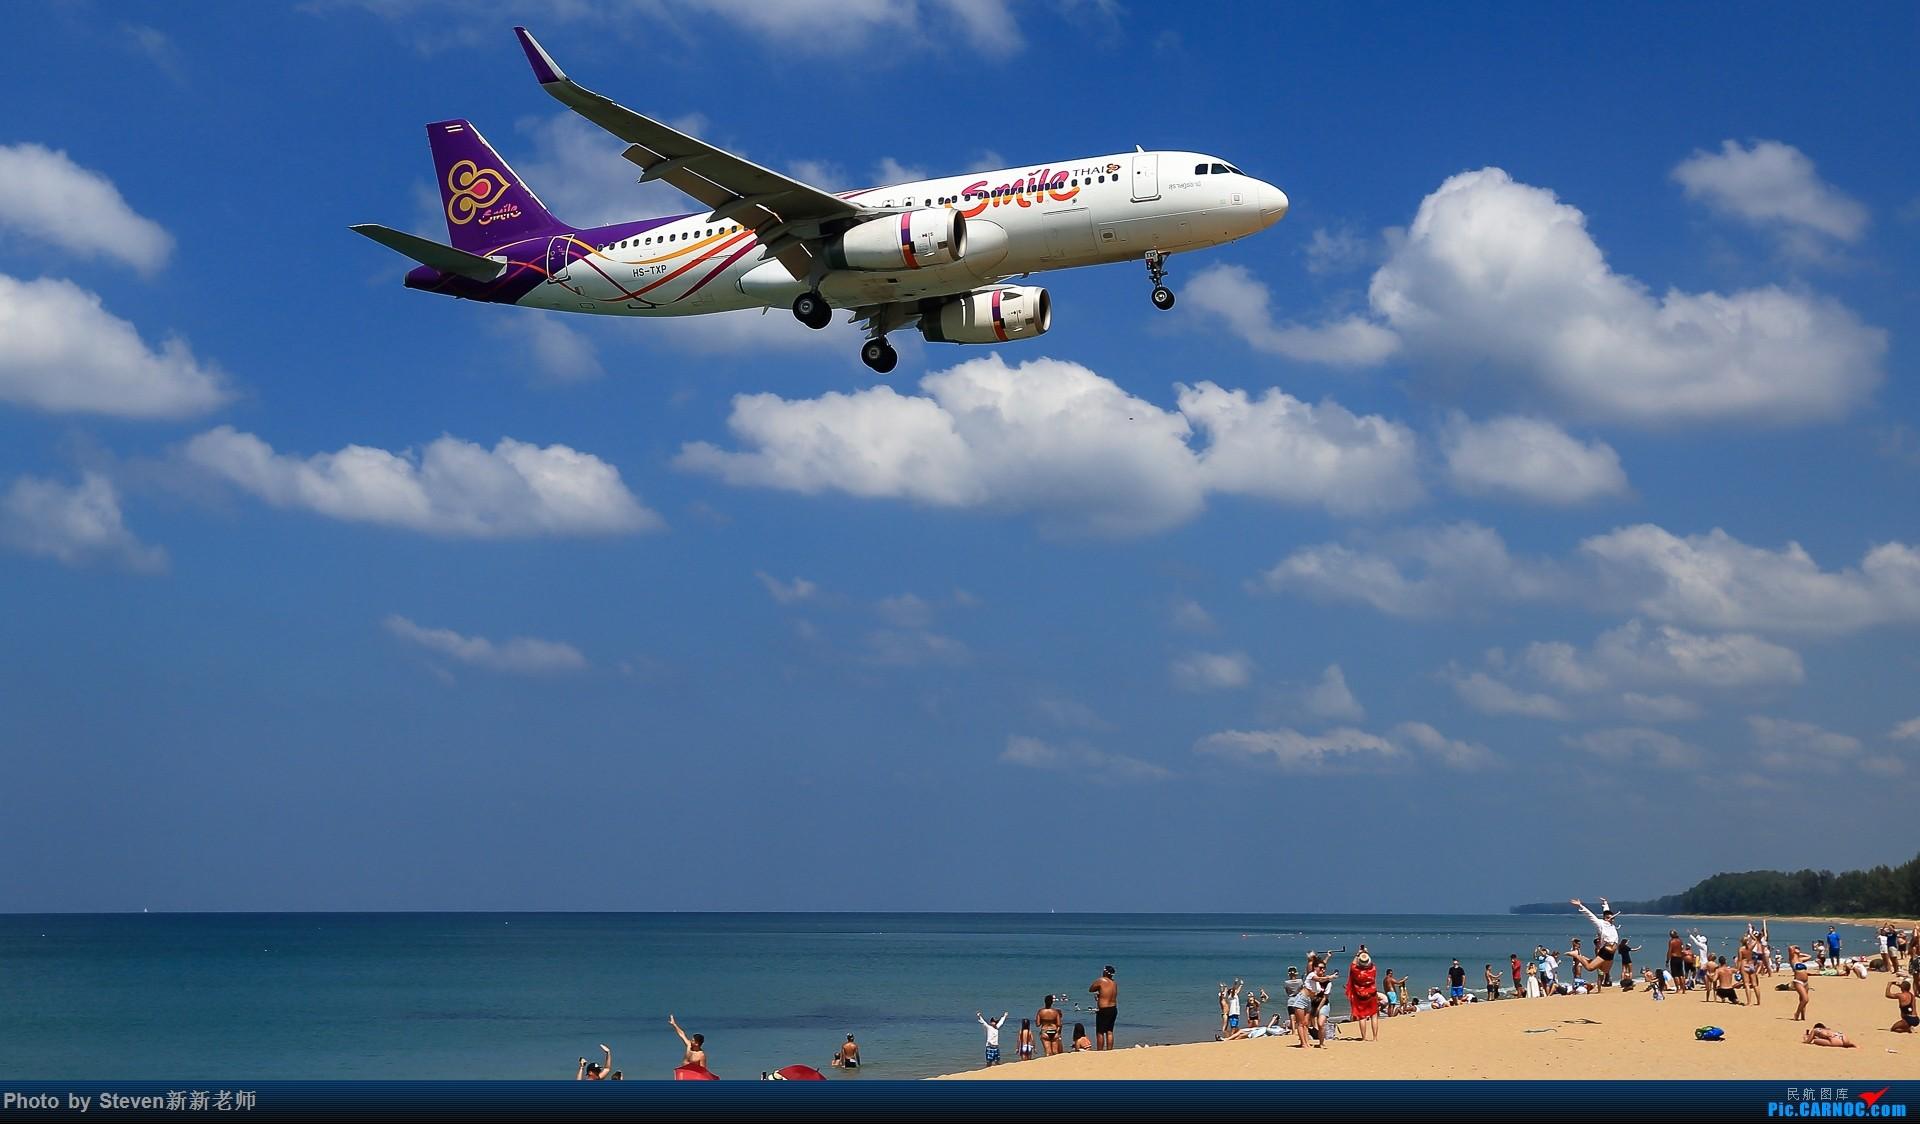 """Re:[原创]亚洲""""圣马丁岛""""—普吉国际机场拍机 AIRBUS A320-200  泰国普吉机场"""